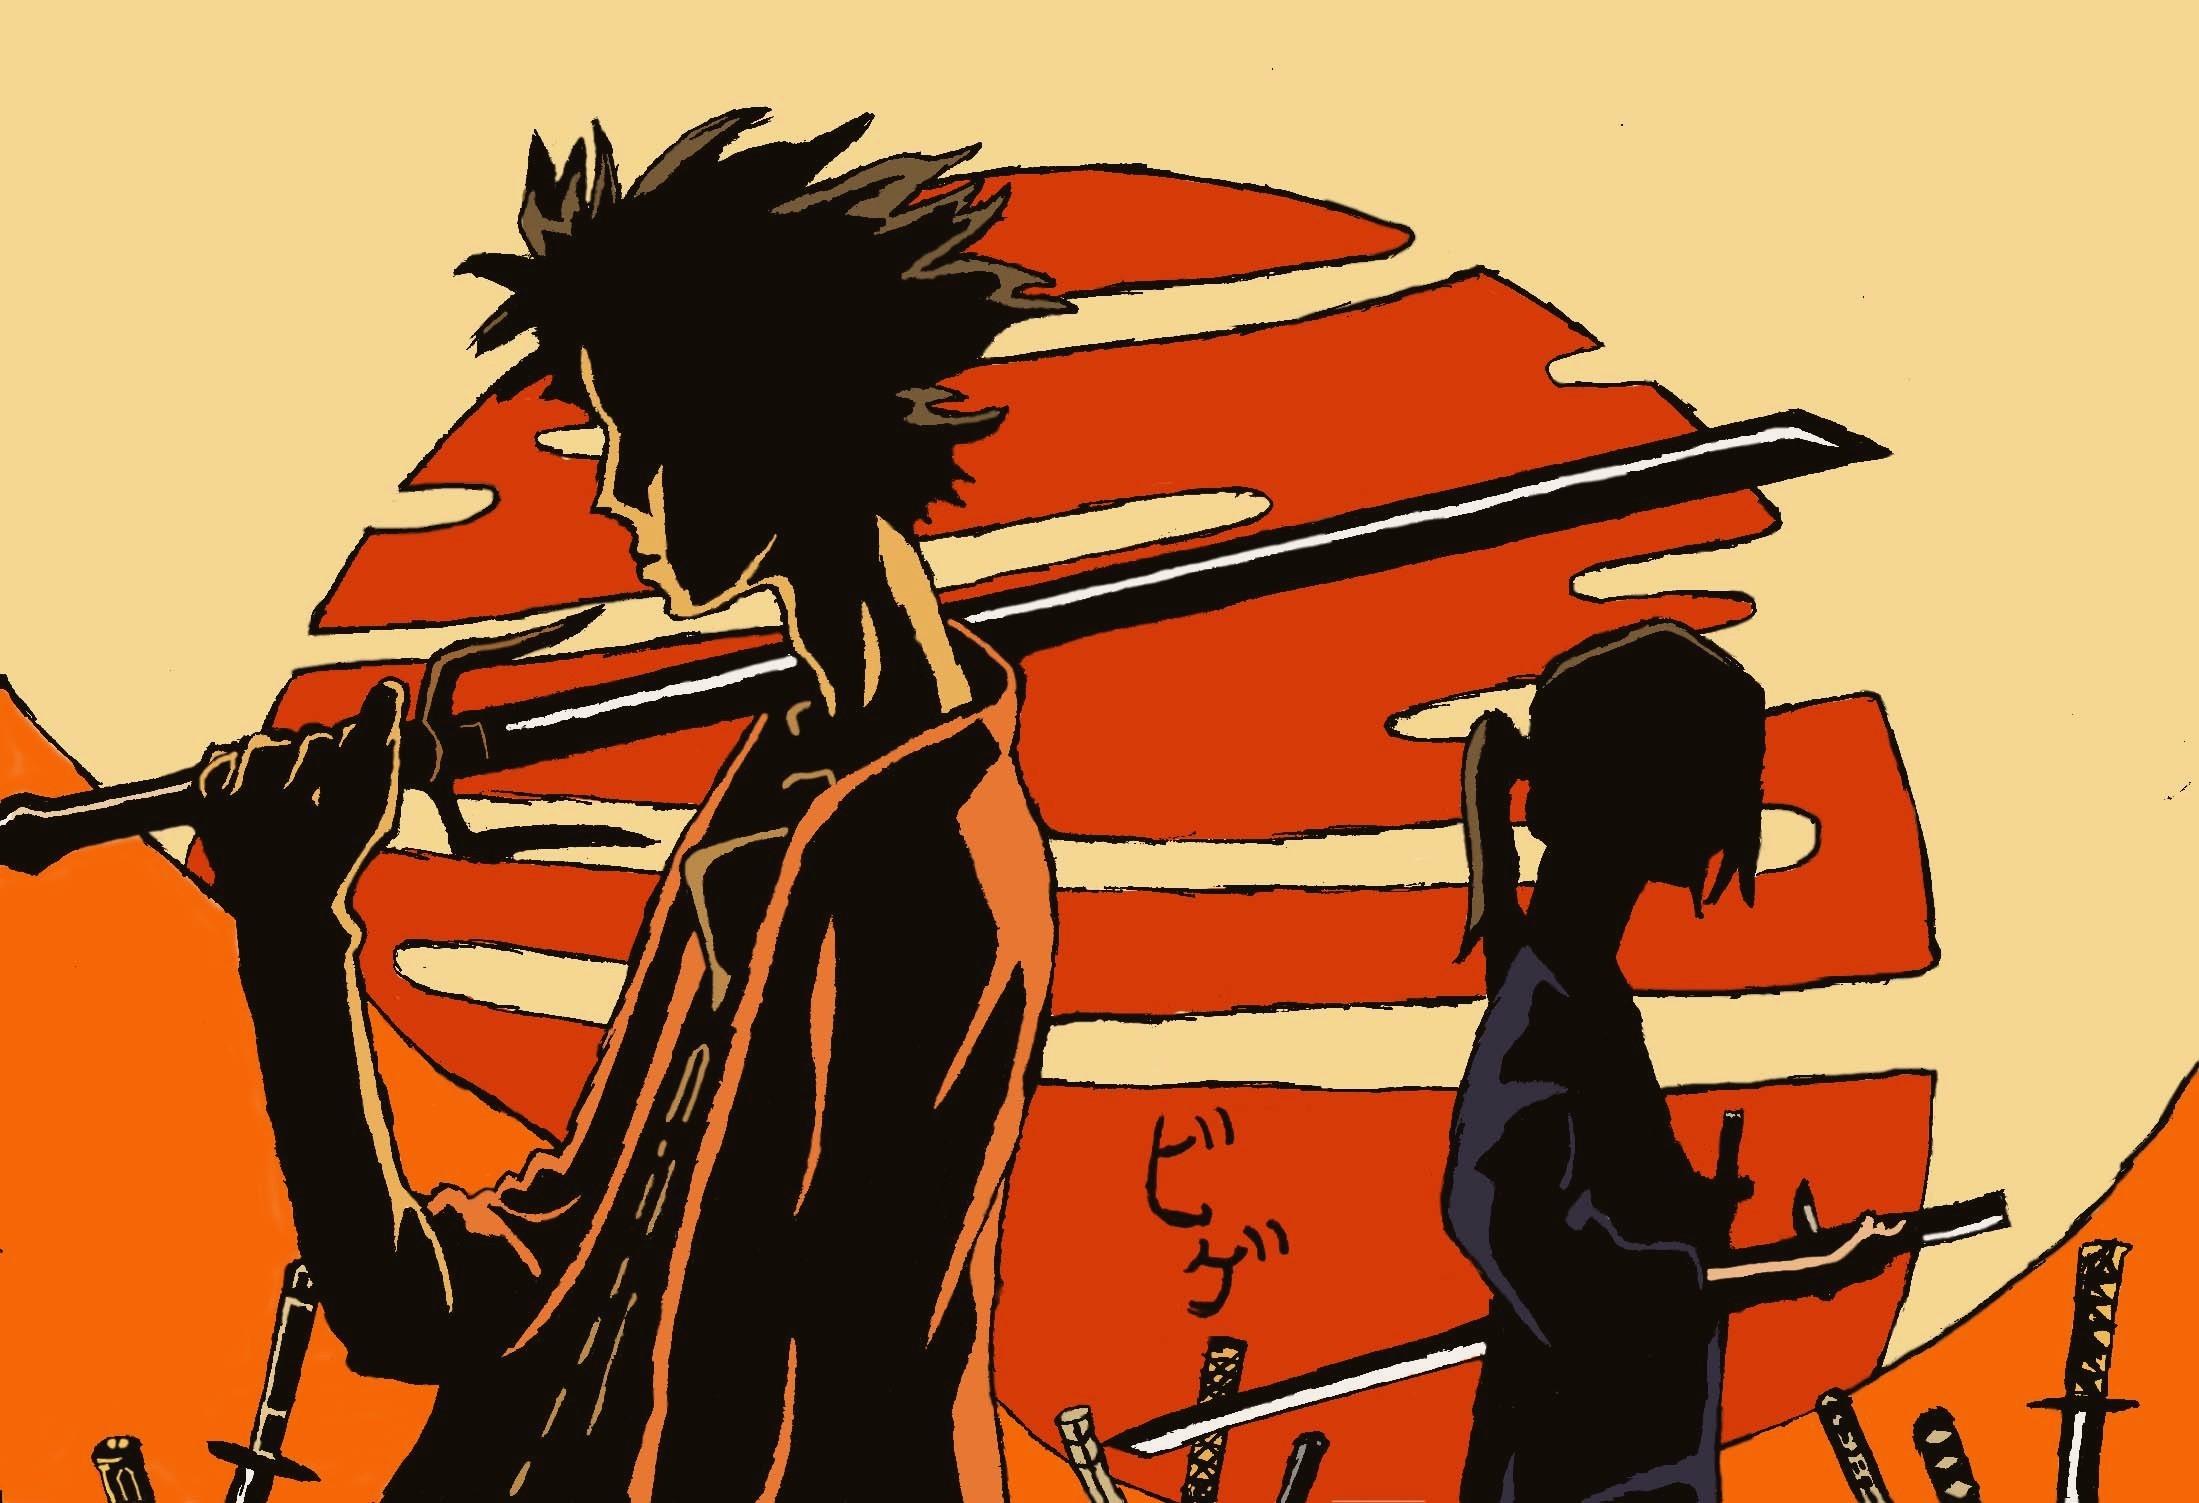 Mugen Samurai Champloo Wallpaper (52+ images)